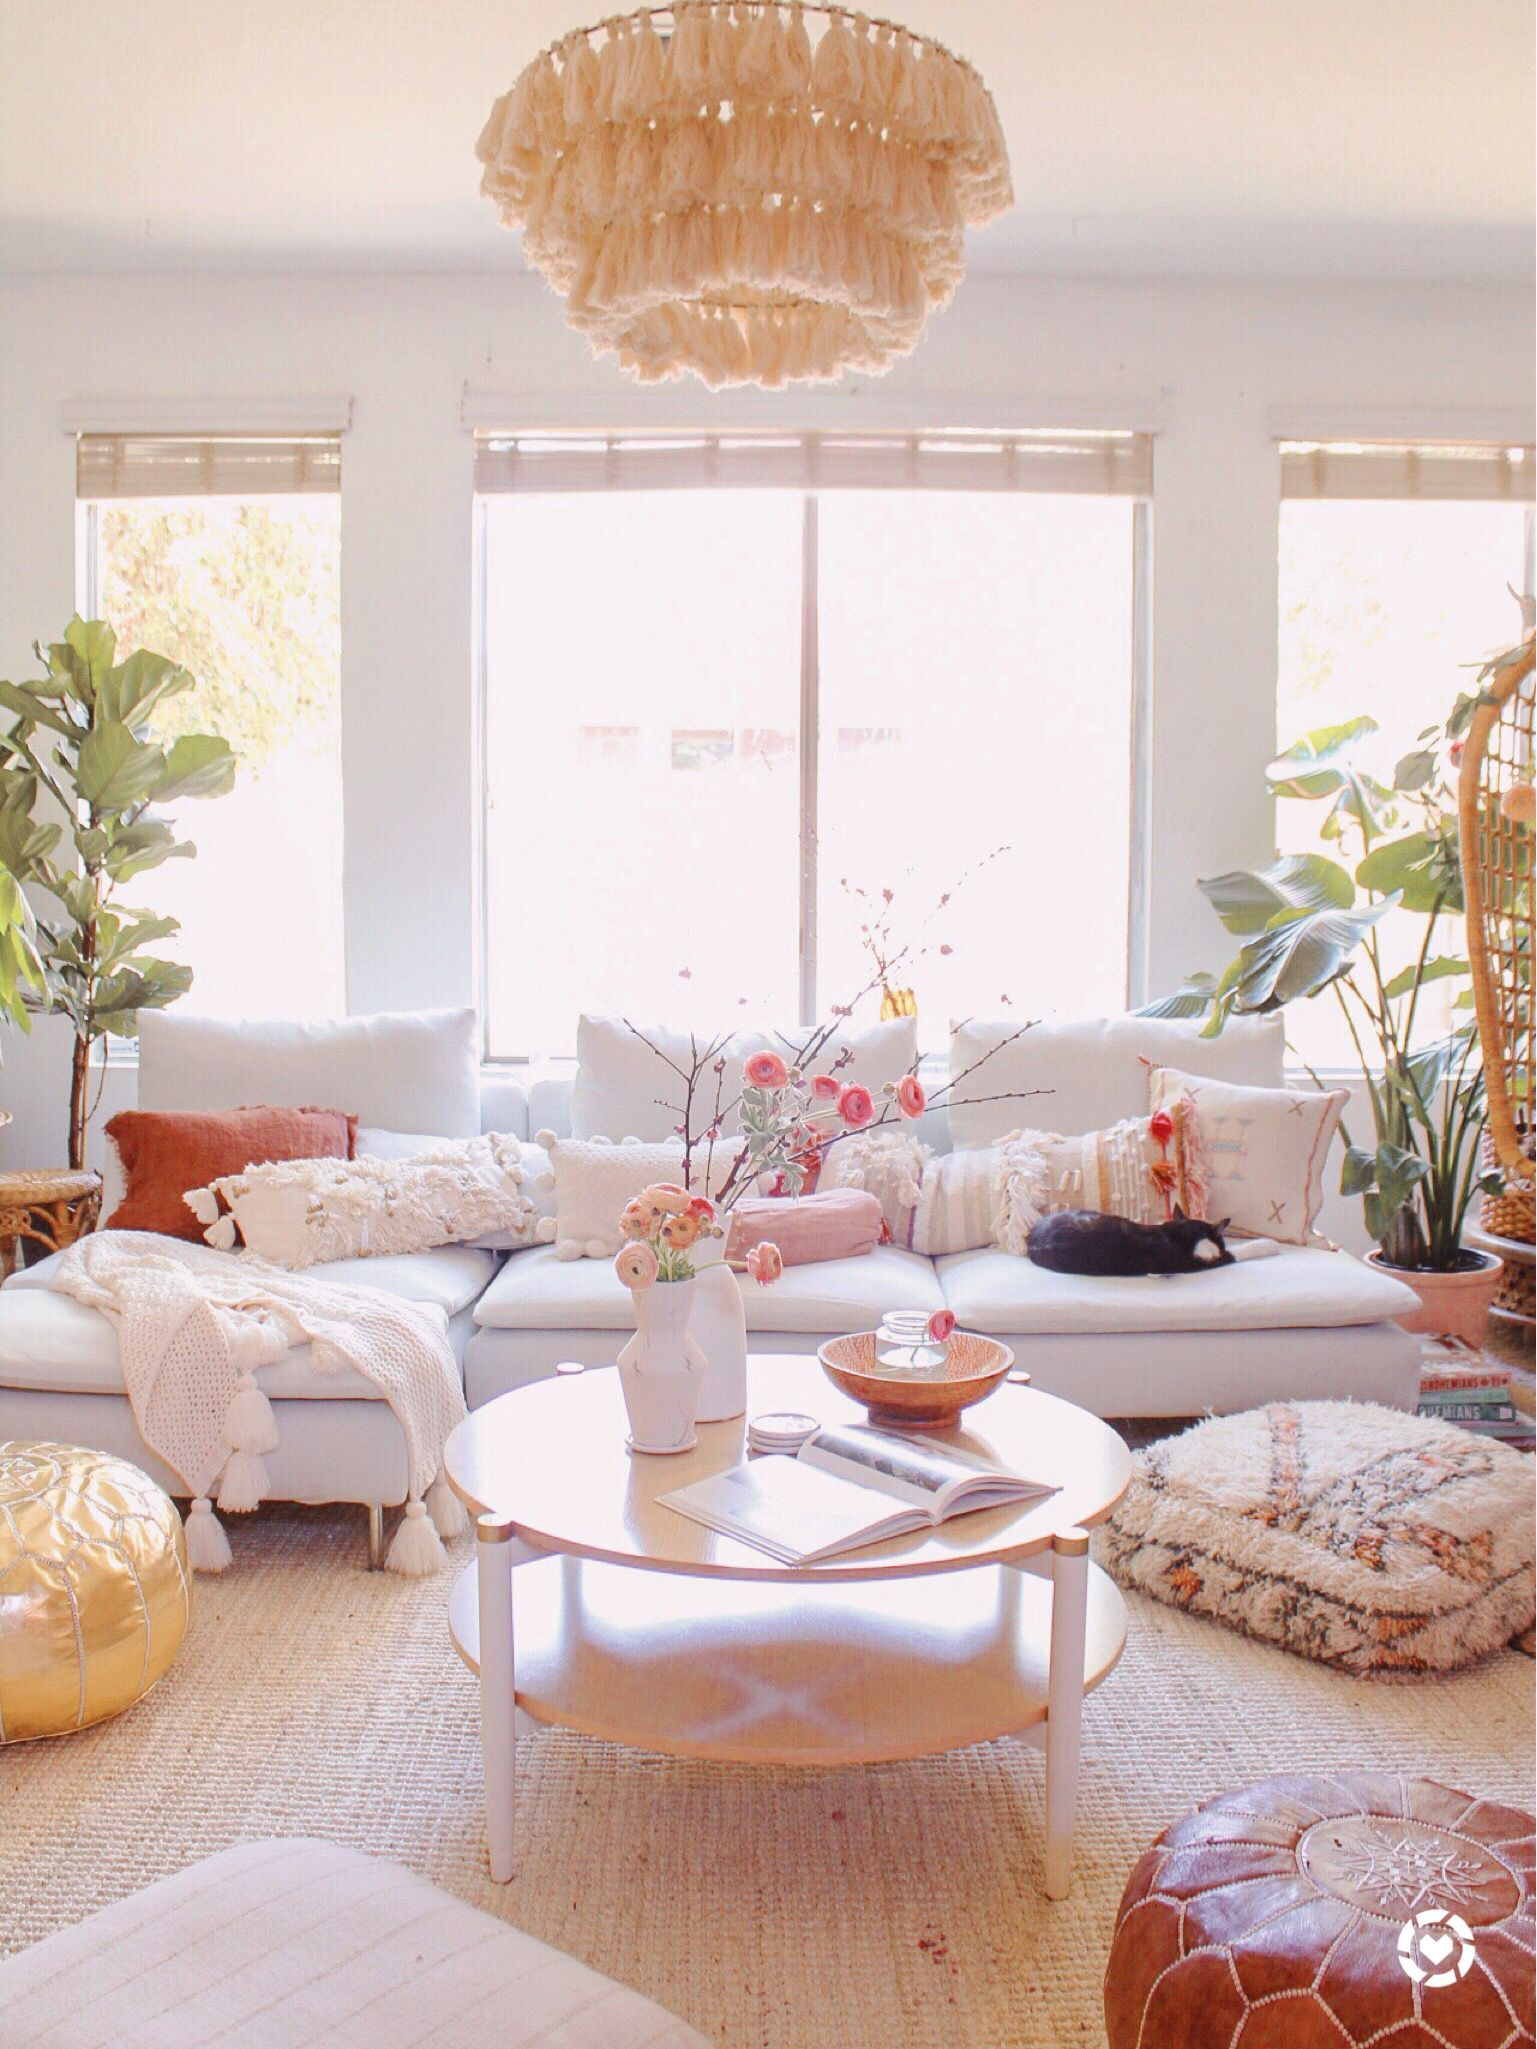 boho living room (avec images)  Decoration, Déco maison, Mobilier